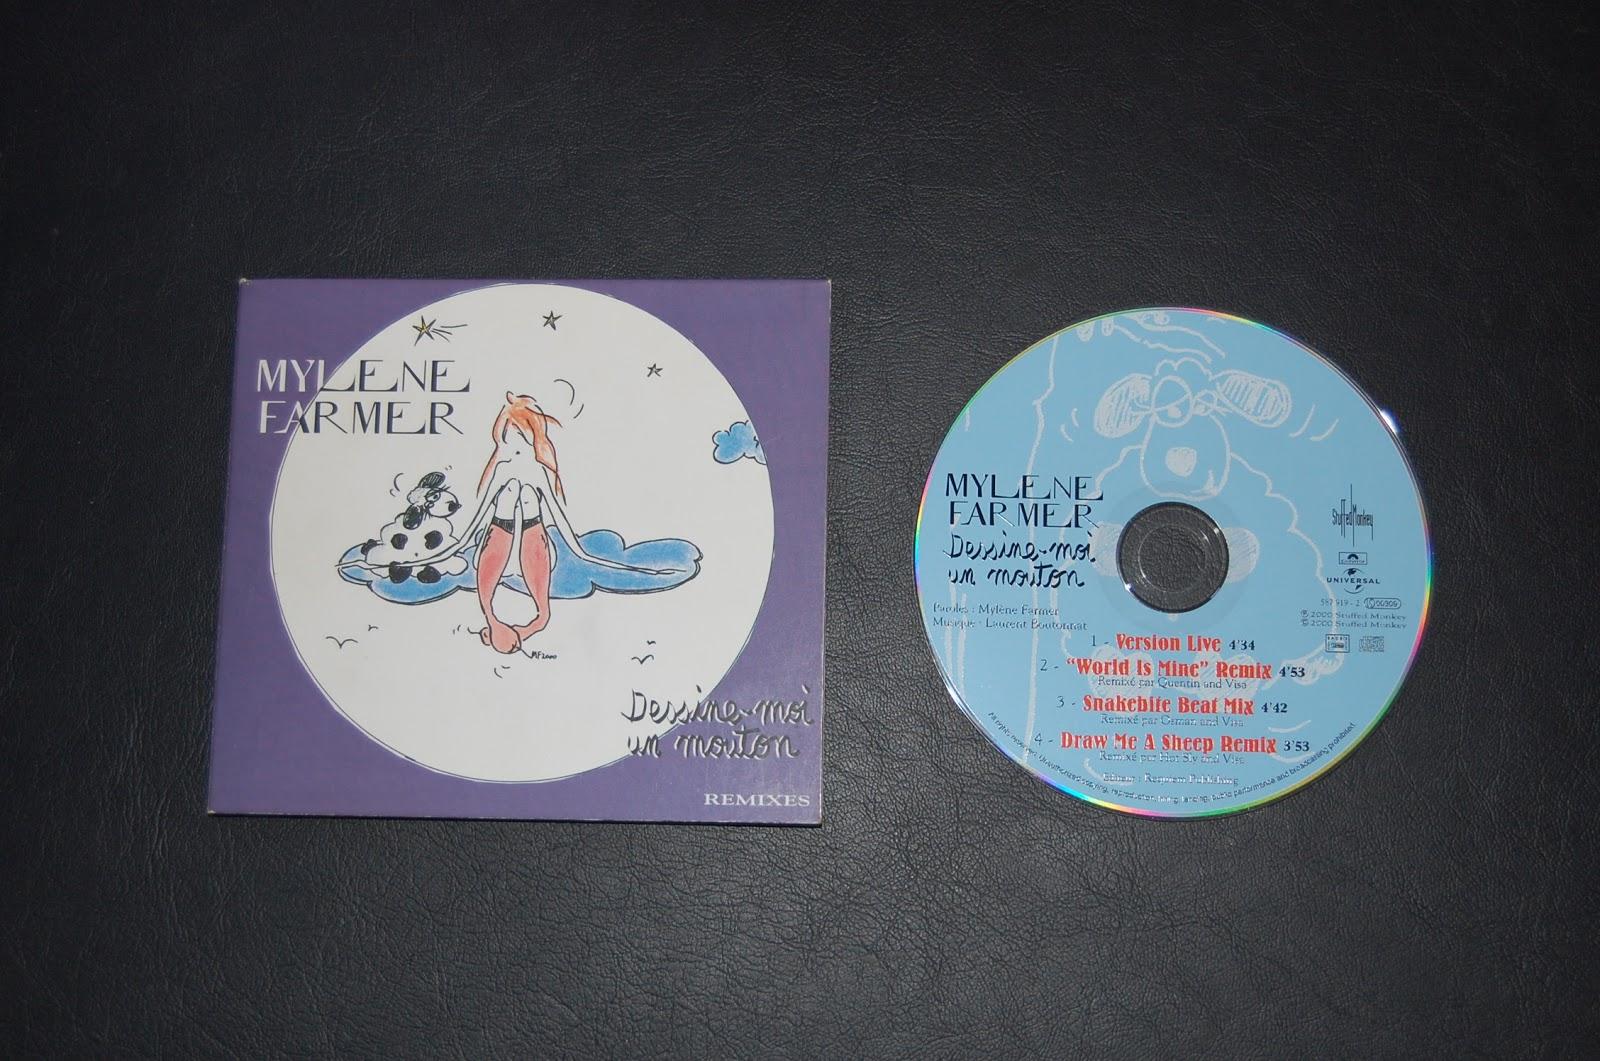 http://2.bp.blogspot.com/-7r5uNJznq0M/UHgUmxT7USI/AAAAAAAACw8/bBx0J8e6b4I/s1600/Dessine+moi+un+mouton+maxi.JPG